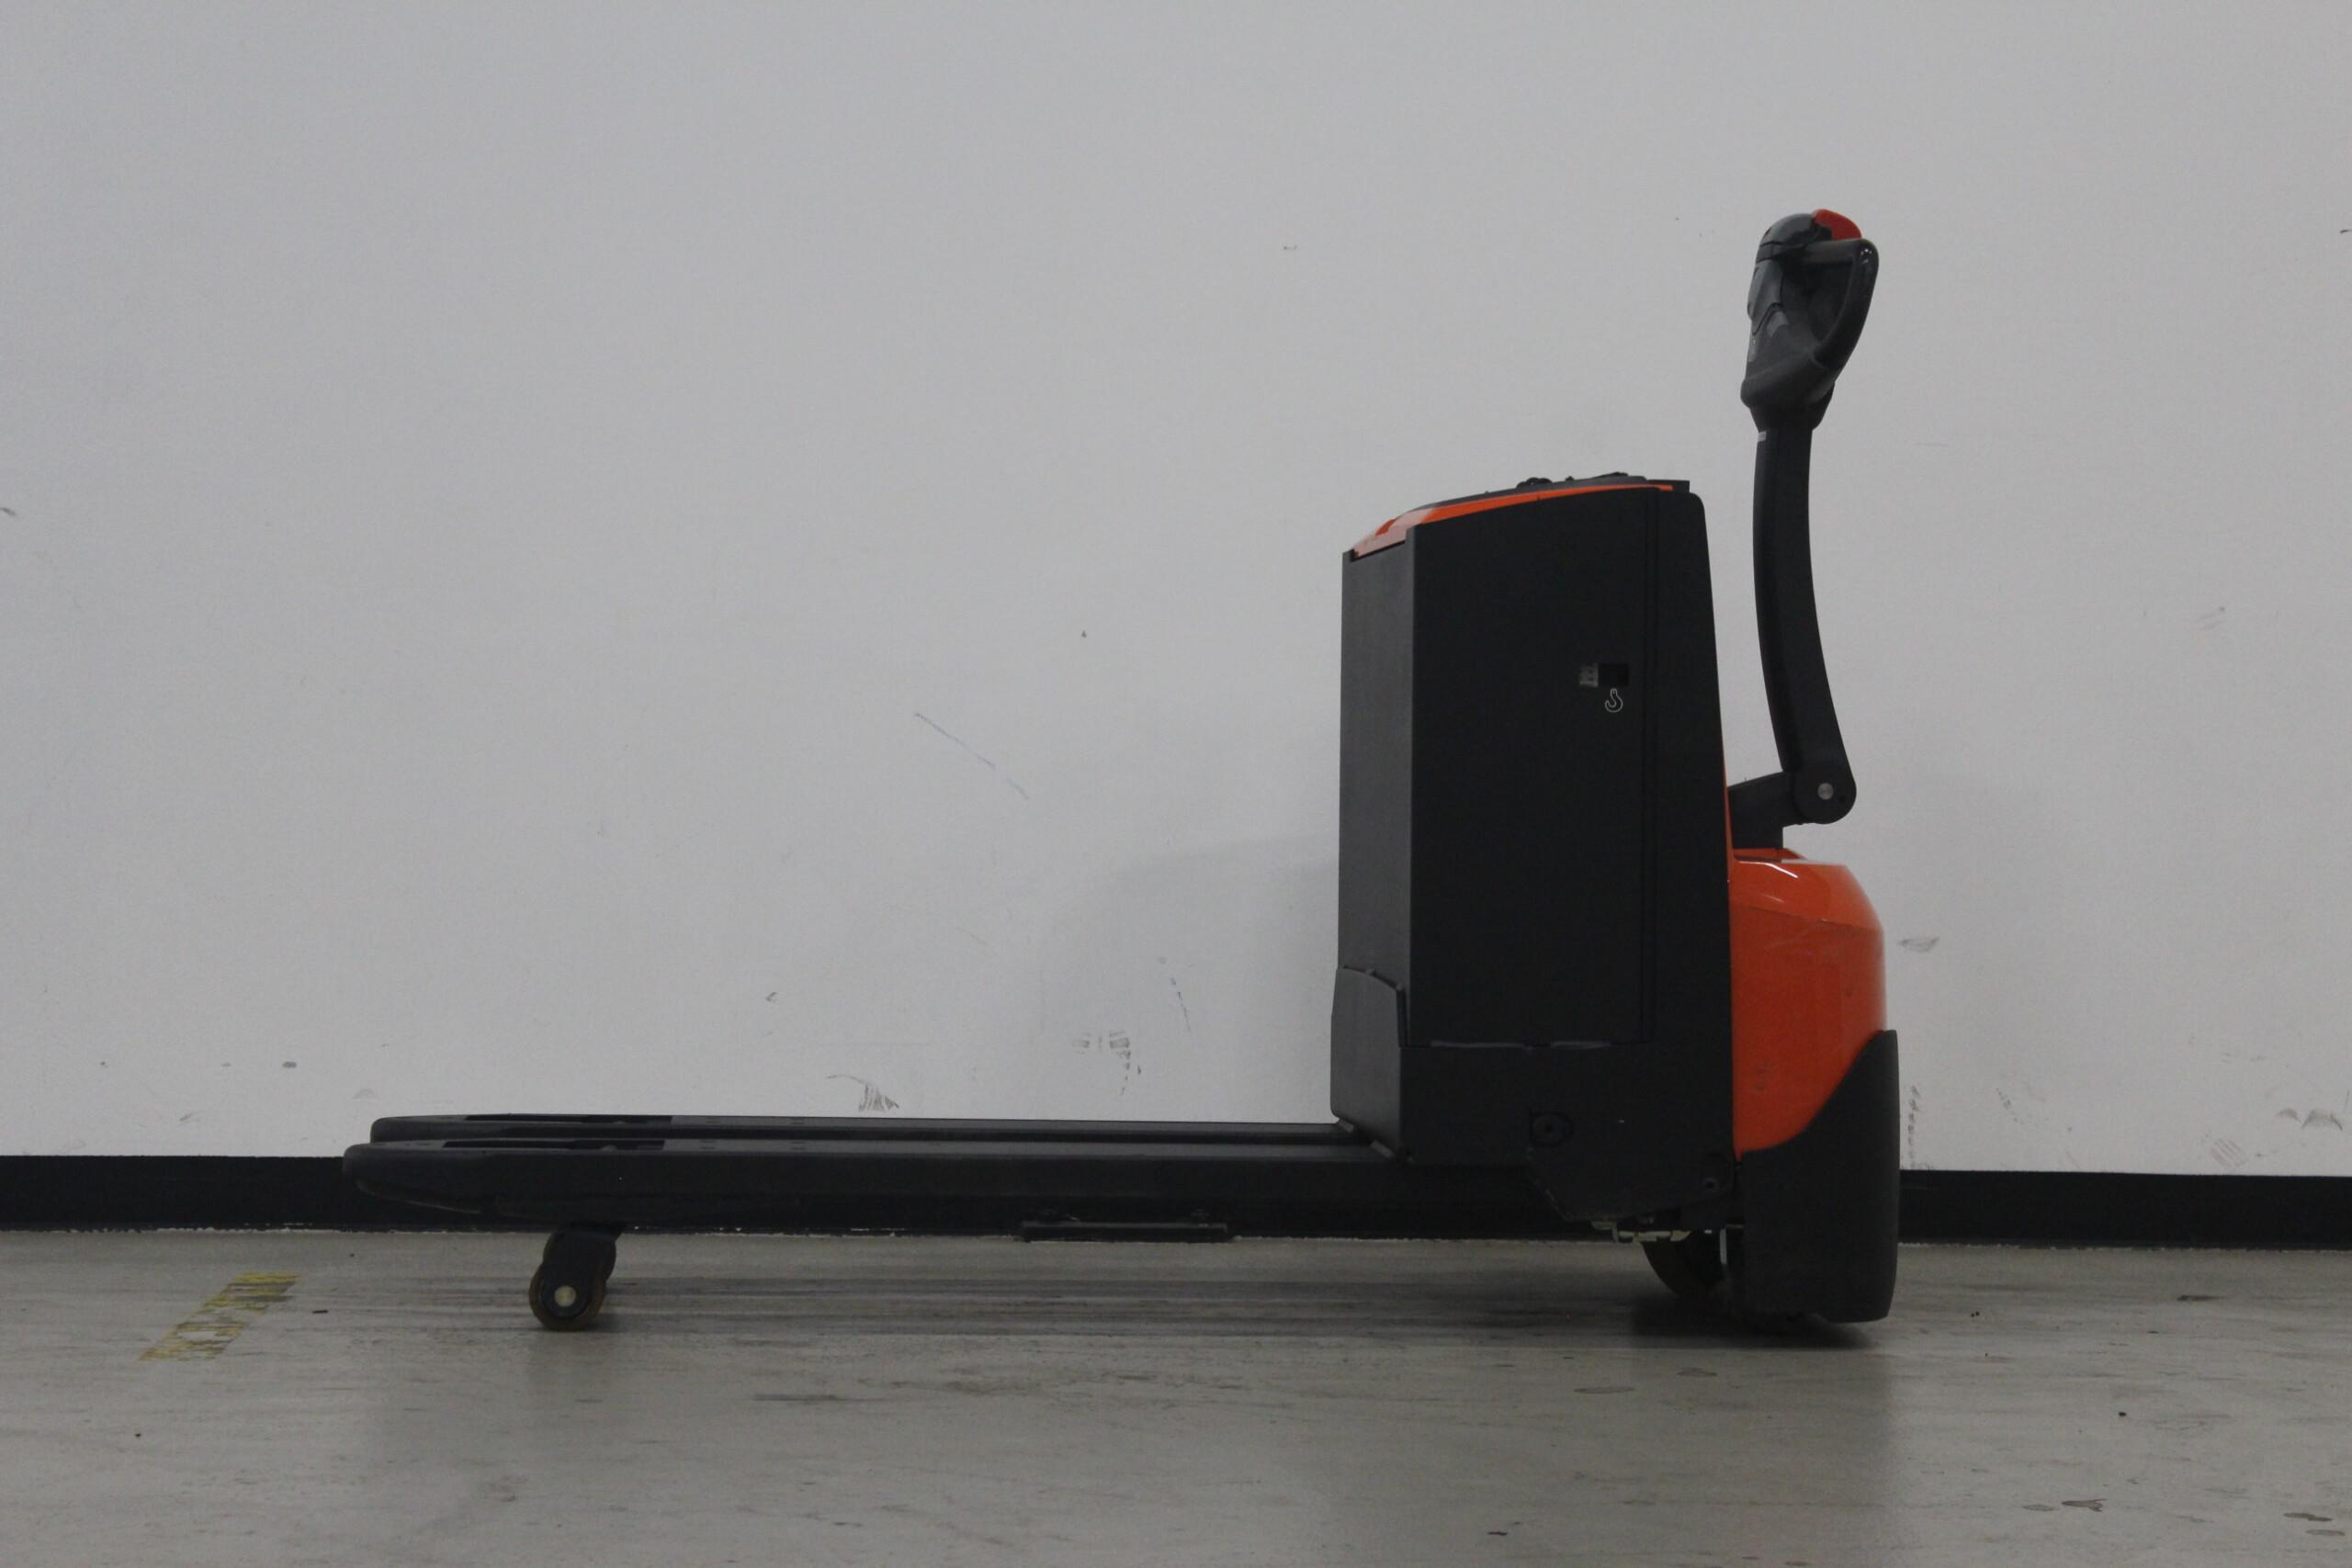 Toyota-Gabelstapler-59840 1610006838 1 32 scaled